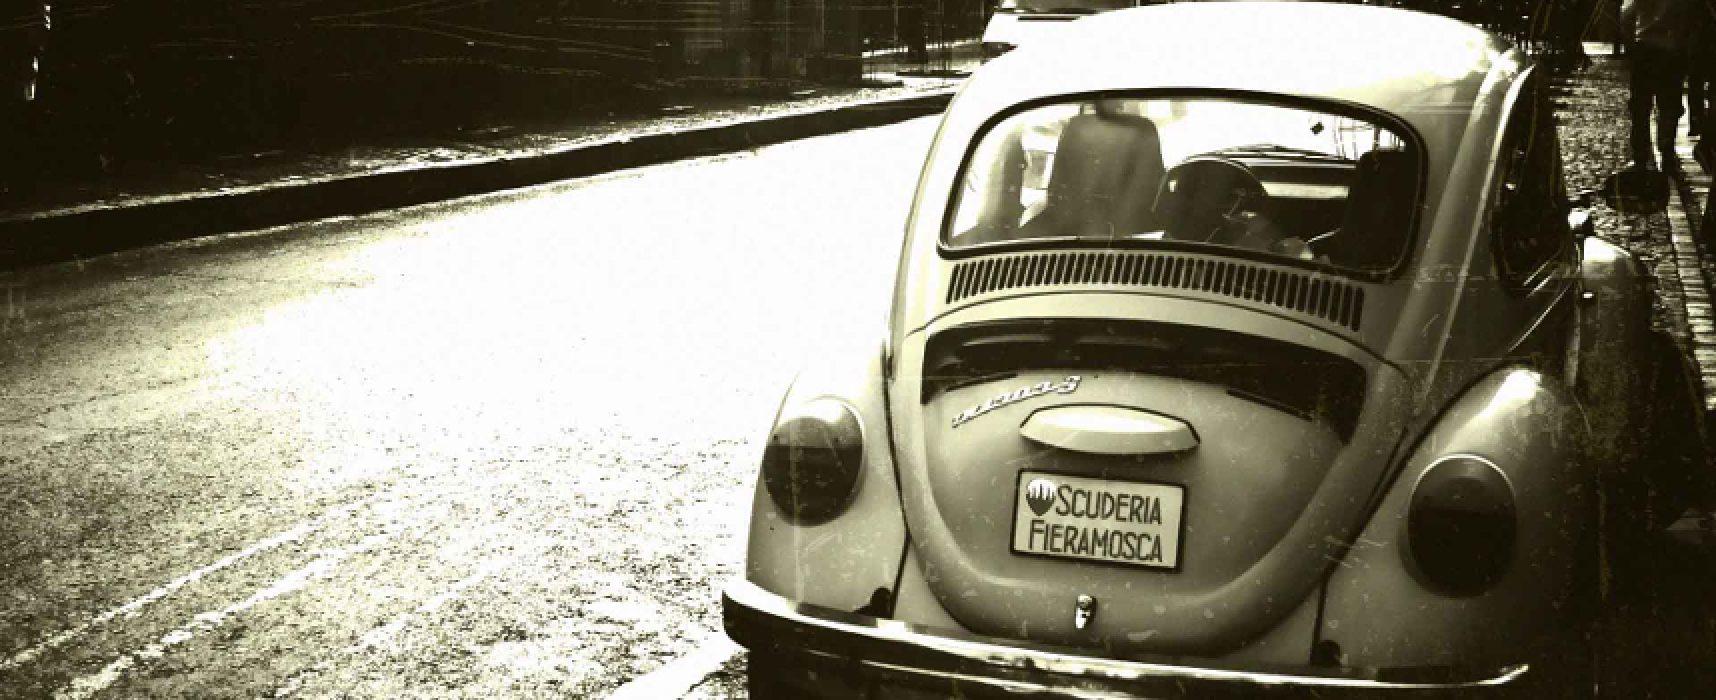 Domenica anche a Bisceglie la passeggiata delle auto storiche della Scuderia Fieramosca